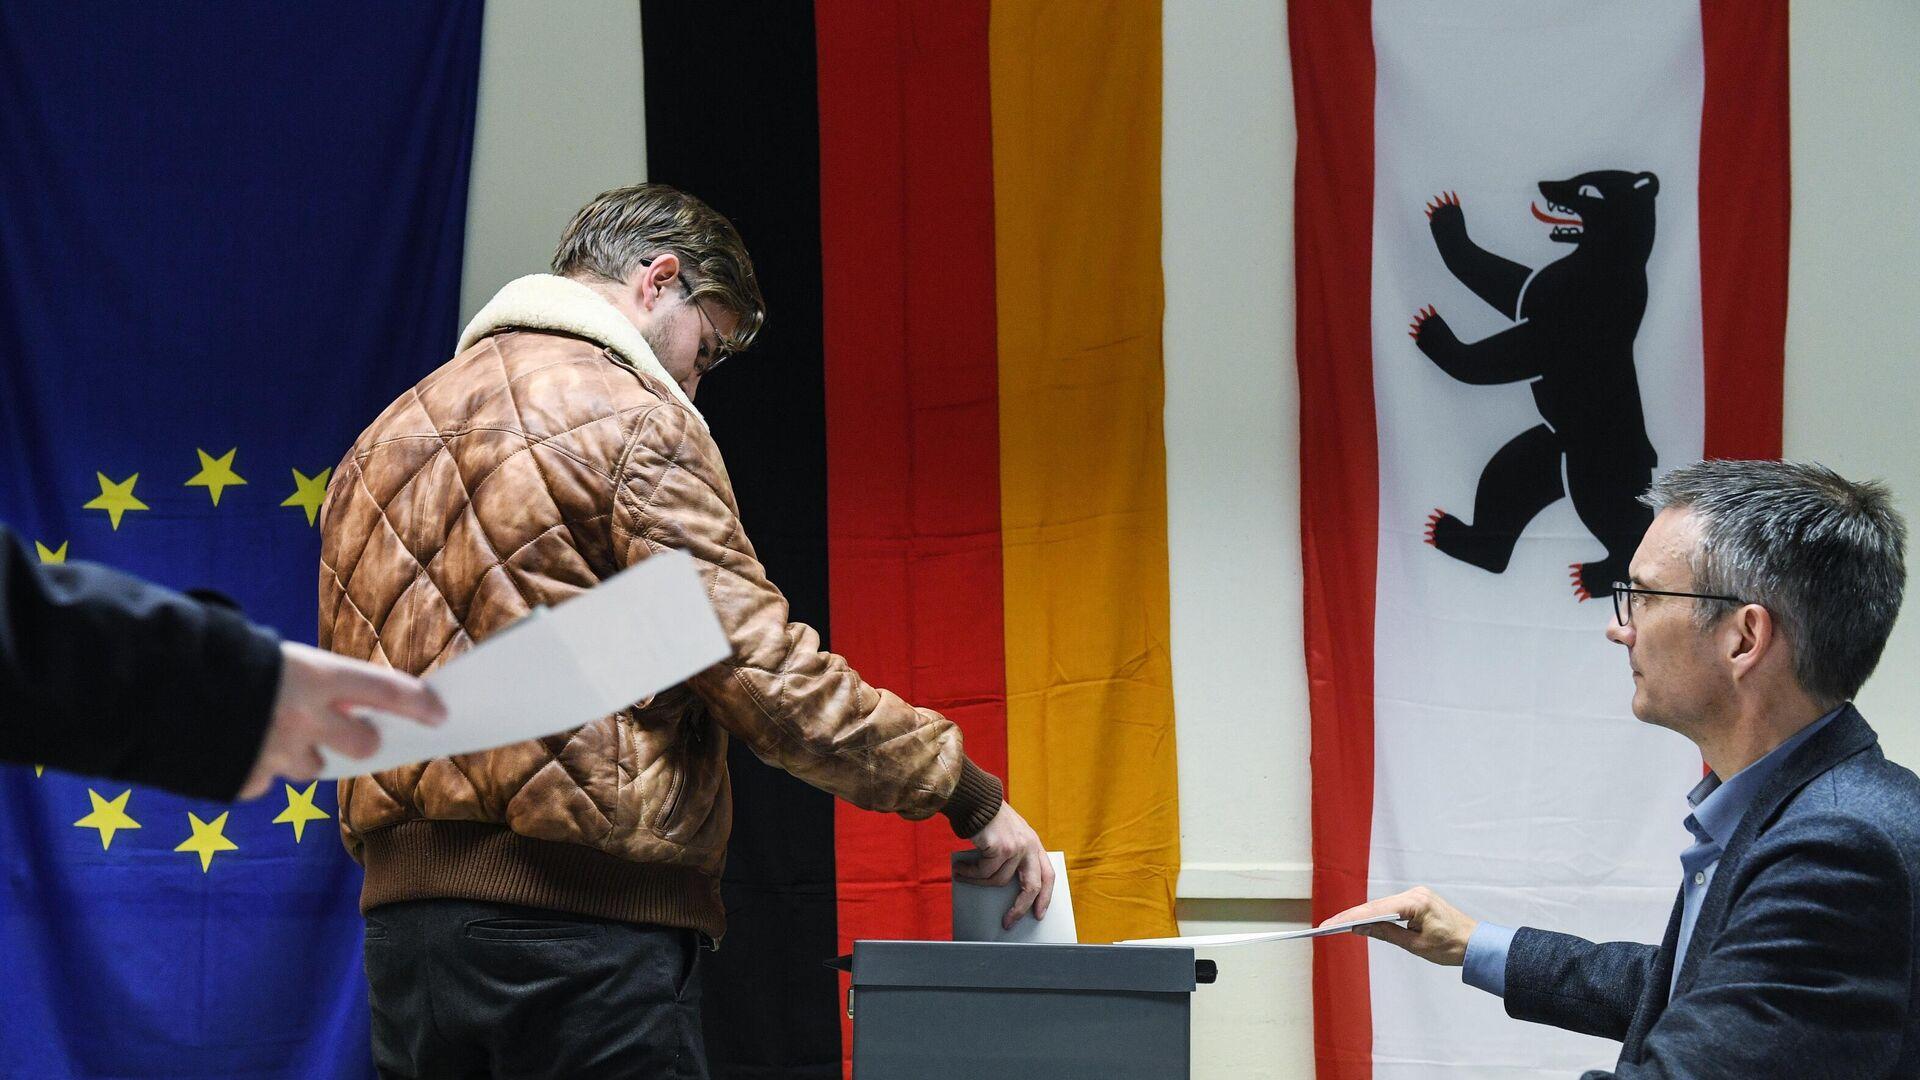 Парламентские выборы в Германии - Sputnik Тоҷикистон, 1920, 26.09.2021